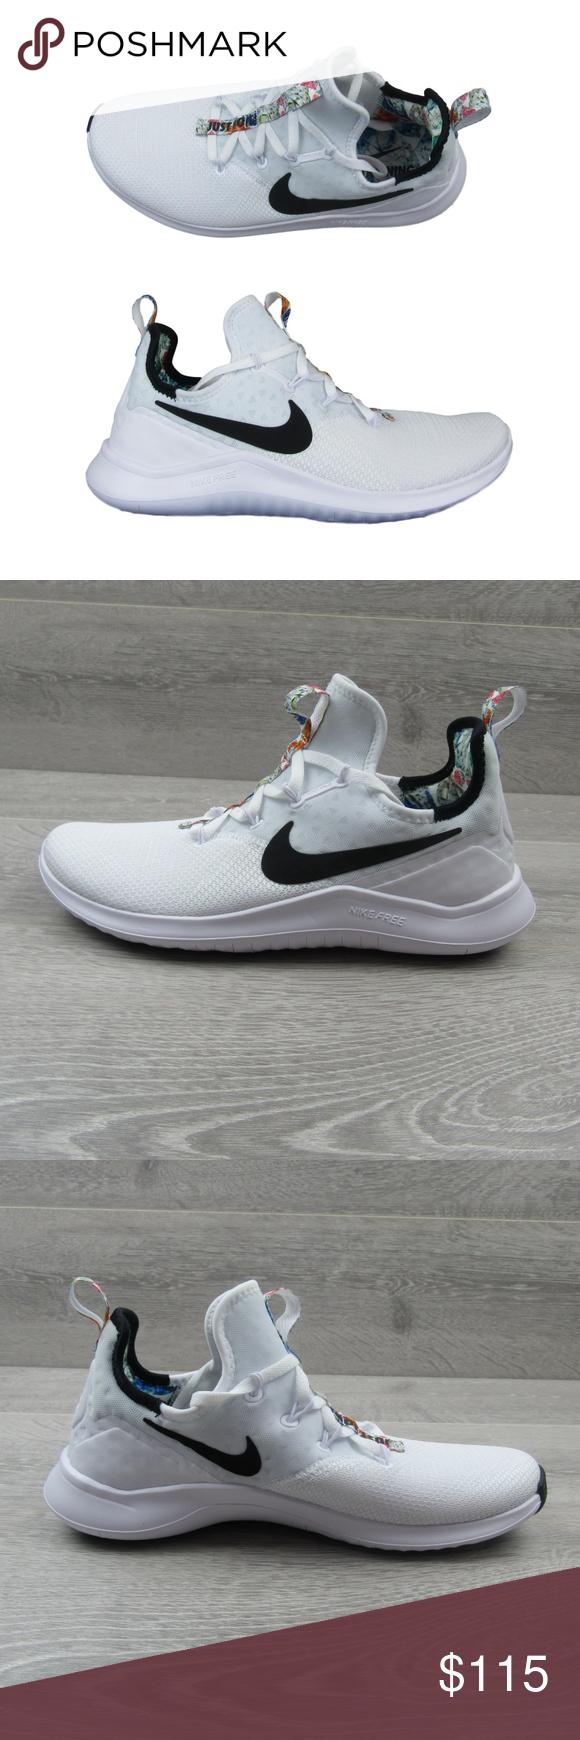 eaddccf3427f Nike Free TR 7 Premium Womens Training Shoes Nike Free TR 8 Women s Gem  Diamond Print